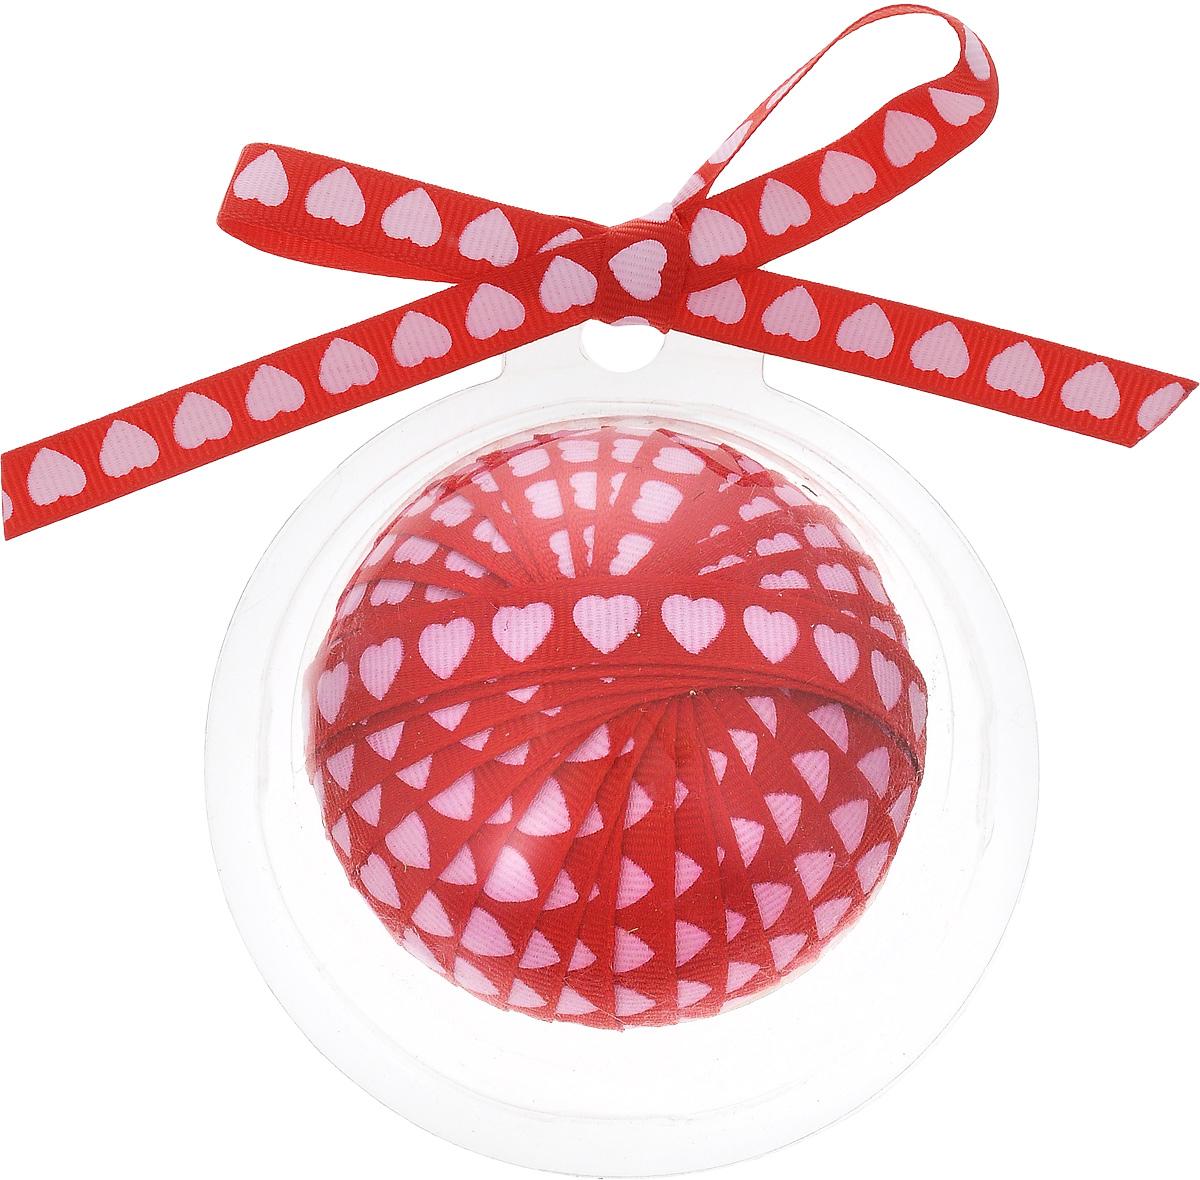 Лента новогодняя Winter Wings, цвет: красный, светло-розовый, 1 см х 3 мPW1071_красный, светло-розовыйДекоративная лента Winter Wings выполнена из полиэстера. Она предназначена для оформления подарочных коробок, пакетов. Кроме того, декоративная лента с успехом применяется для художественного оформления витрин, праздничного оформления помещений, изготовления искусственных цветов. Декоративная лента украсит интерьер вашего дома к праздникам. Ширина ленты: 1 см.